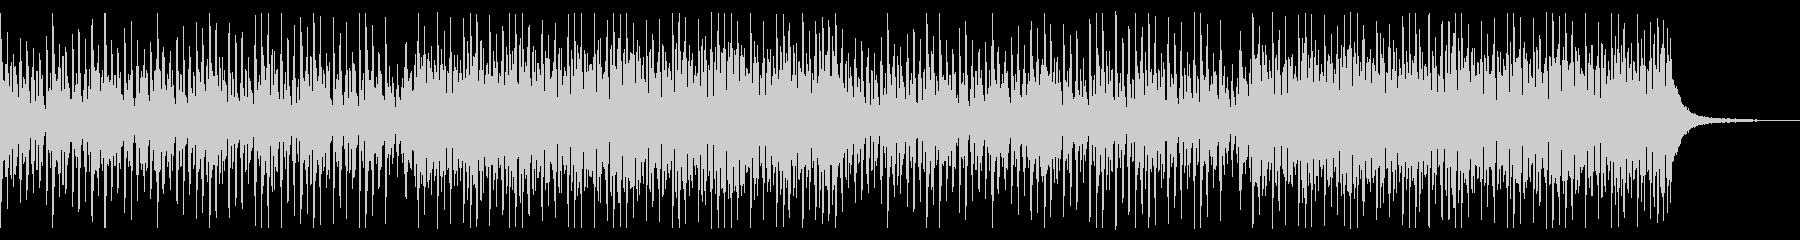 メロディー無し 青空 ポジティブ ピアノの未再生の波形